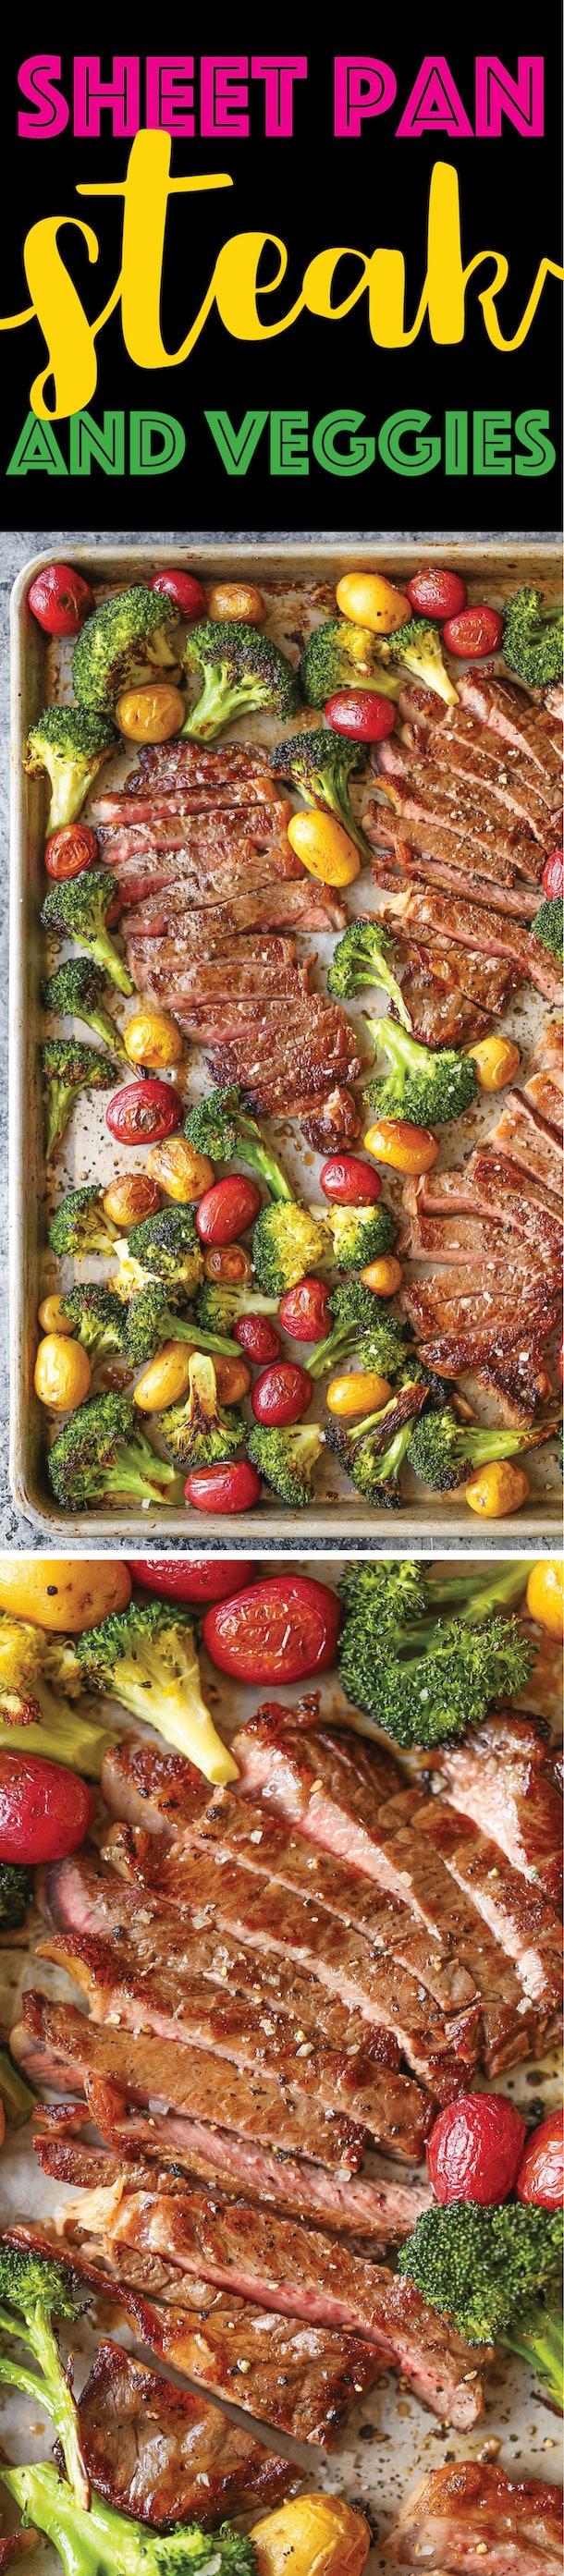 sheet pan recipes with steak, sheet pan steak and veggies